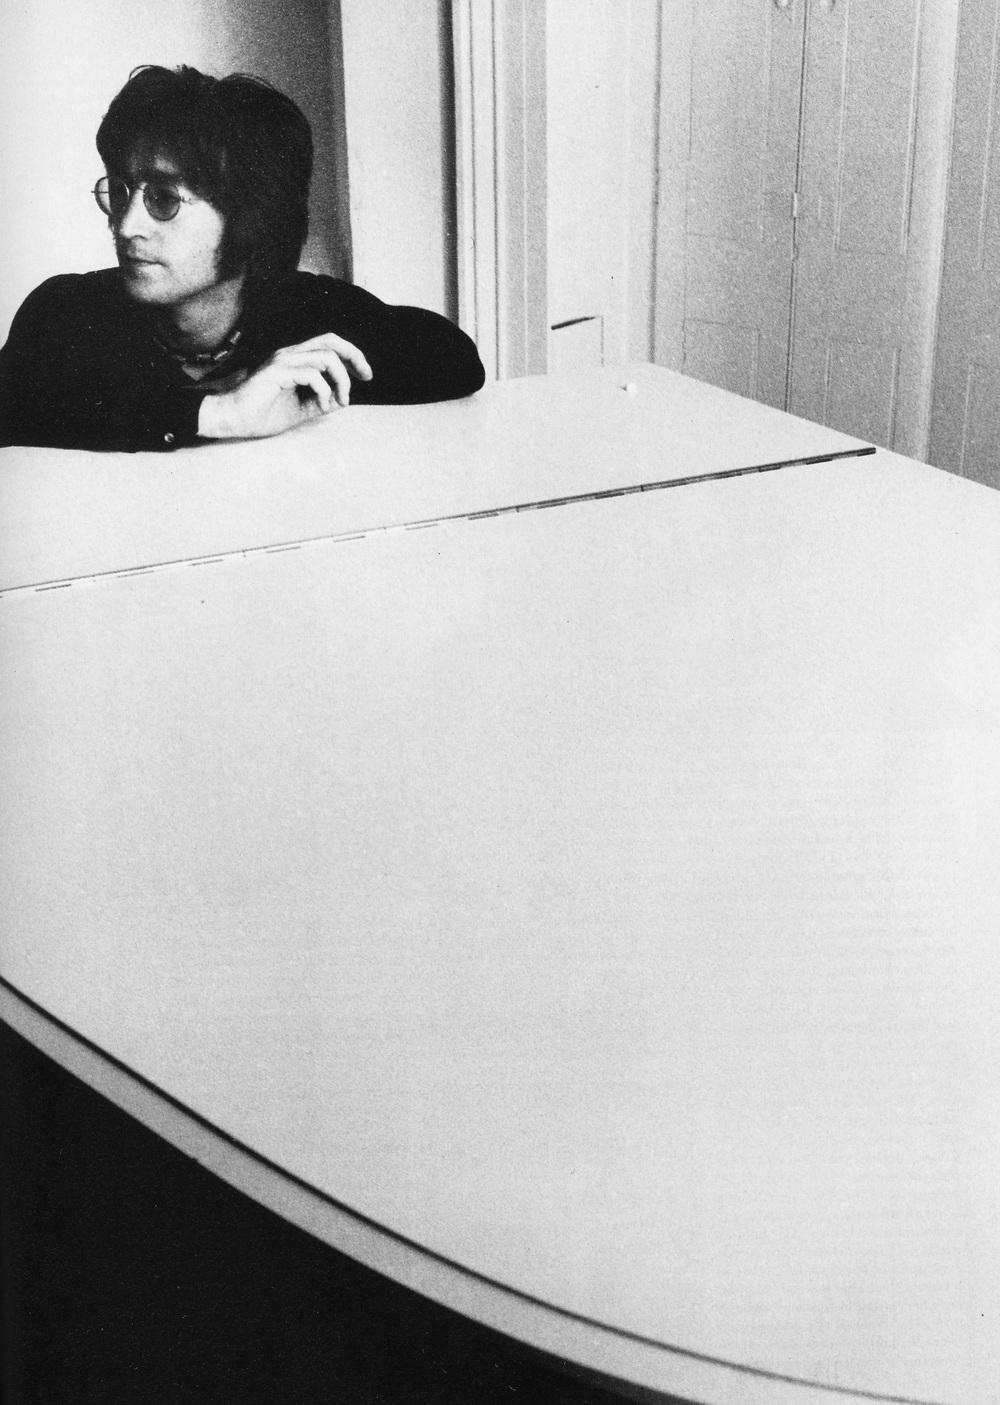 John Lennon at Tittenhurst Park, 1971.